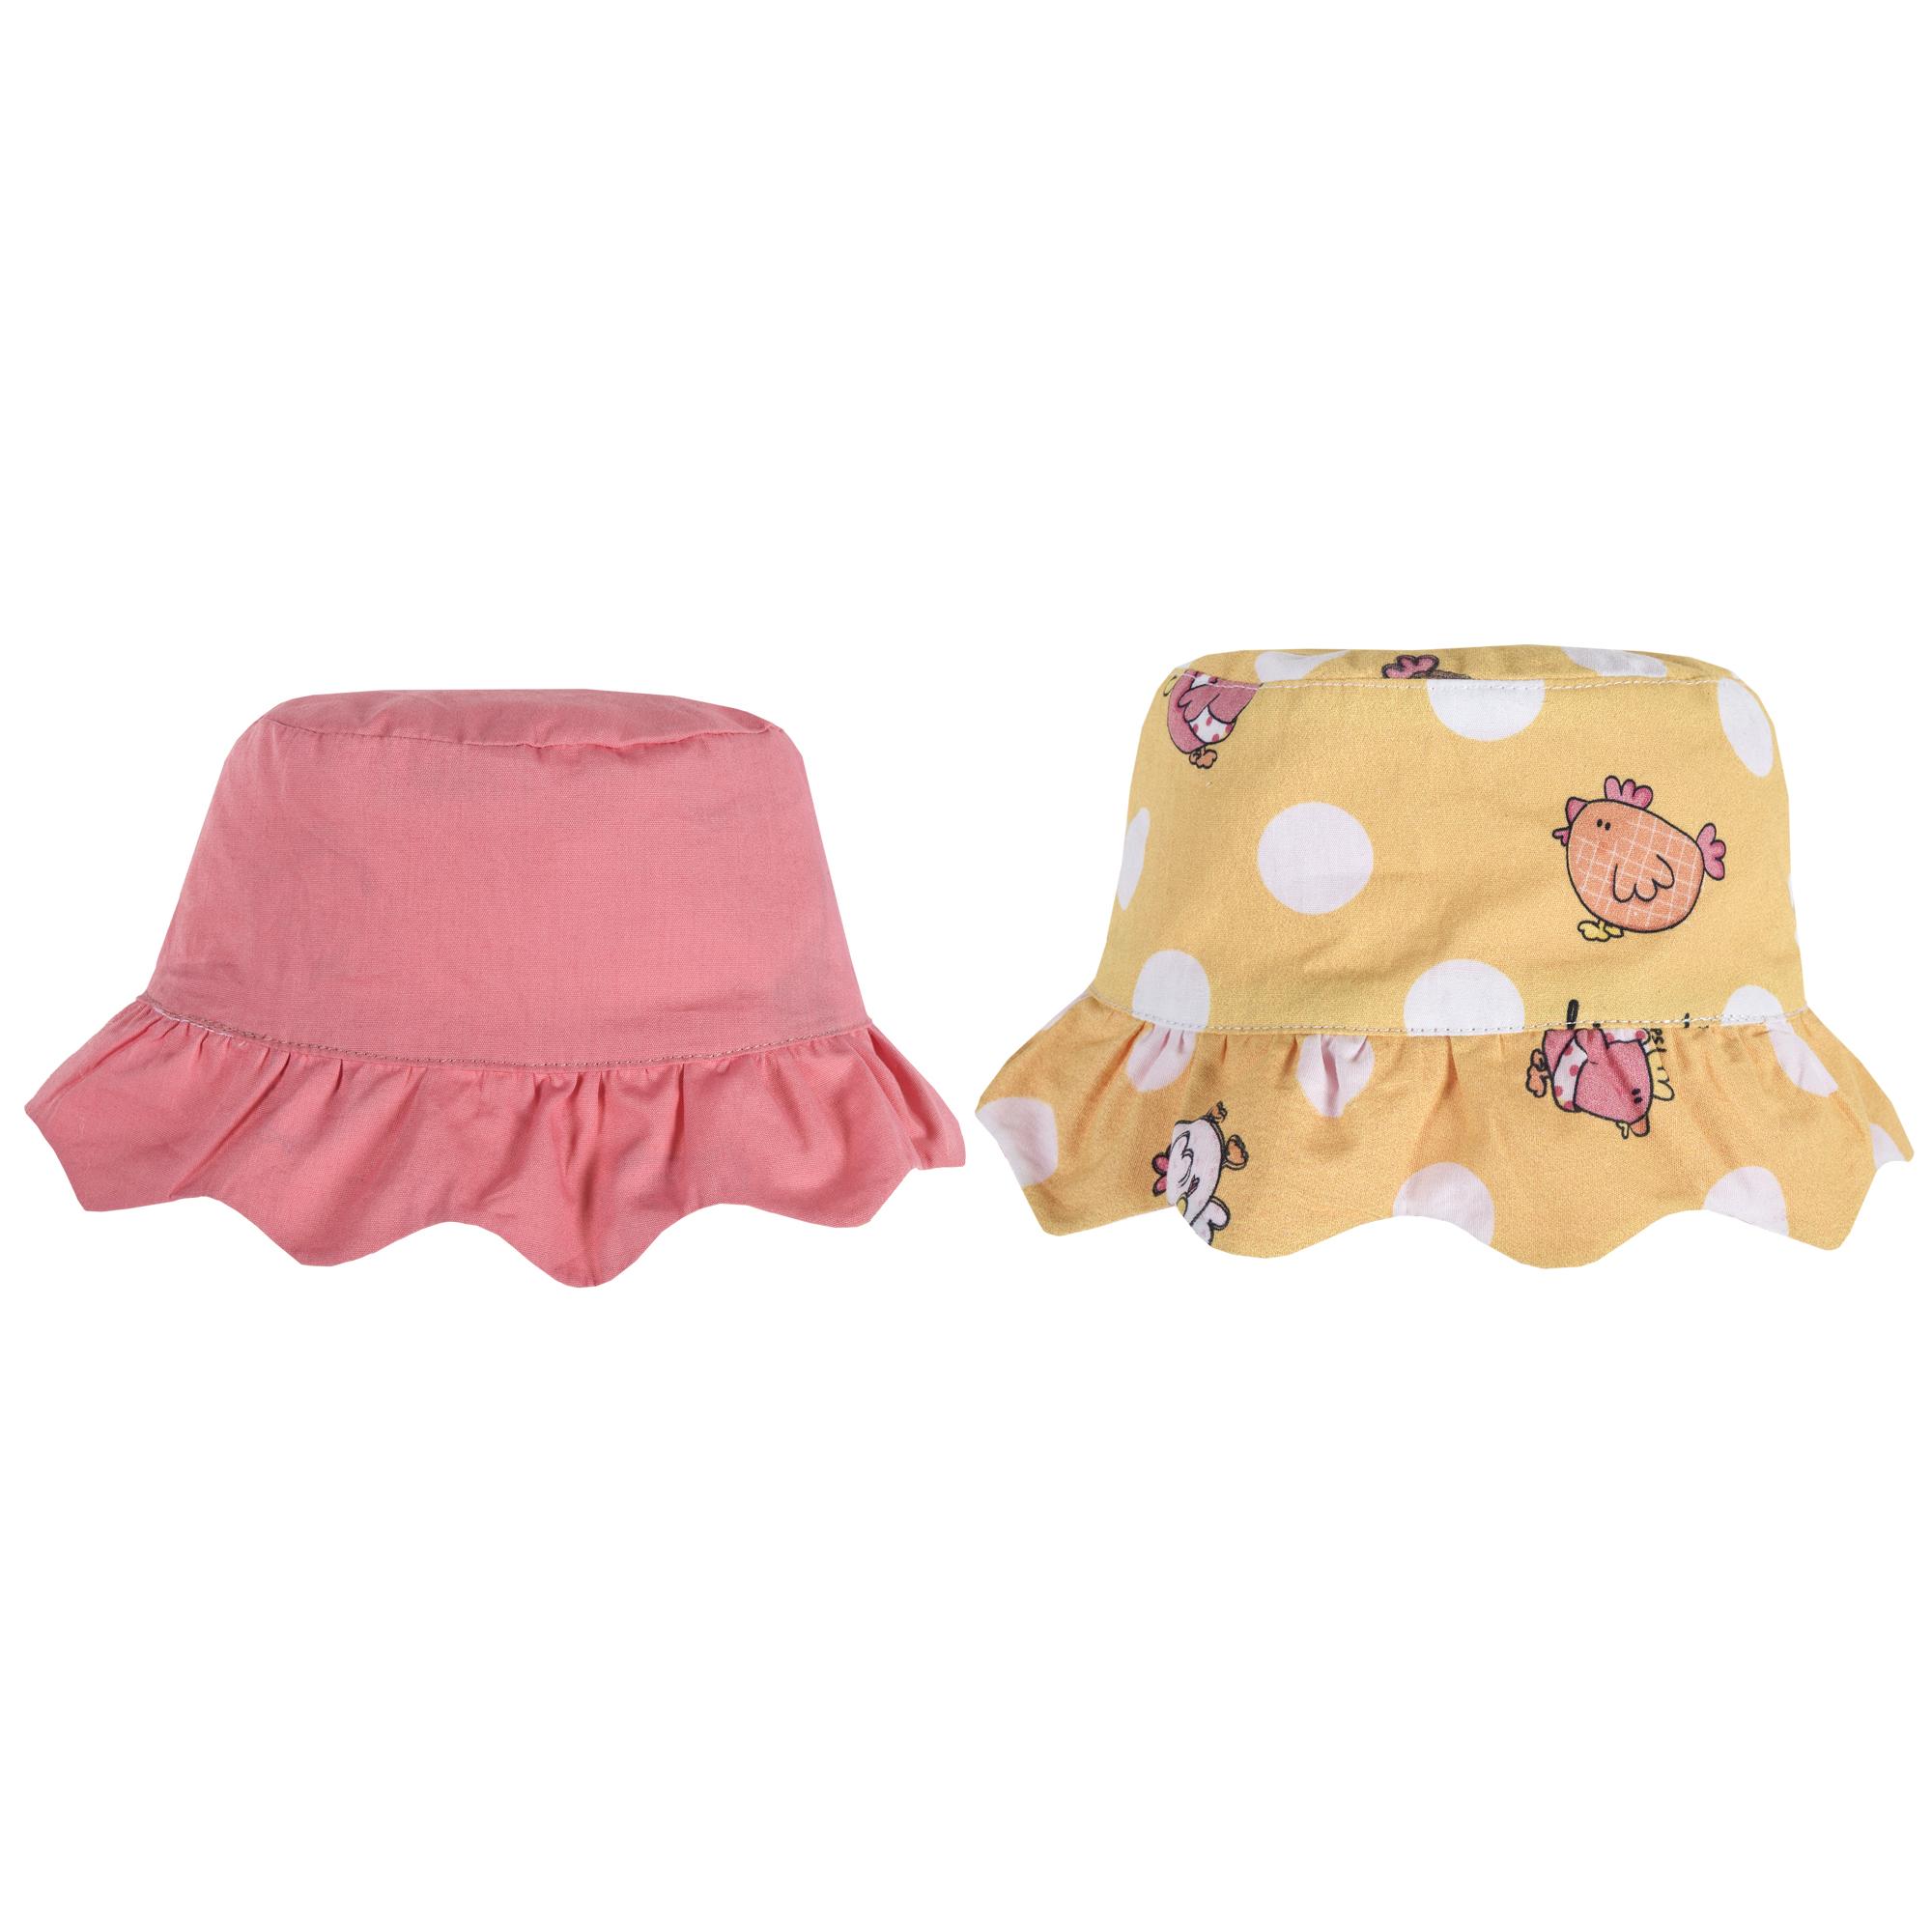 Palarie reversibila pentru fetite, alb cu galben, 04412 din categoria Caciuli, Sepci